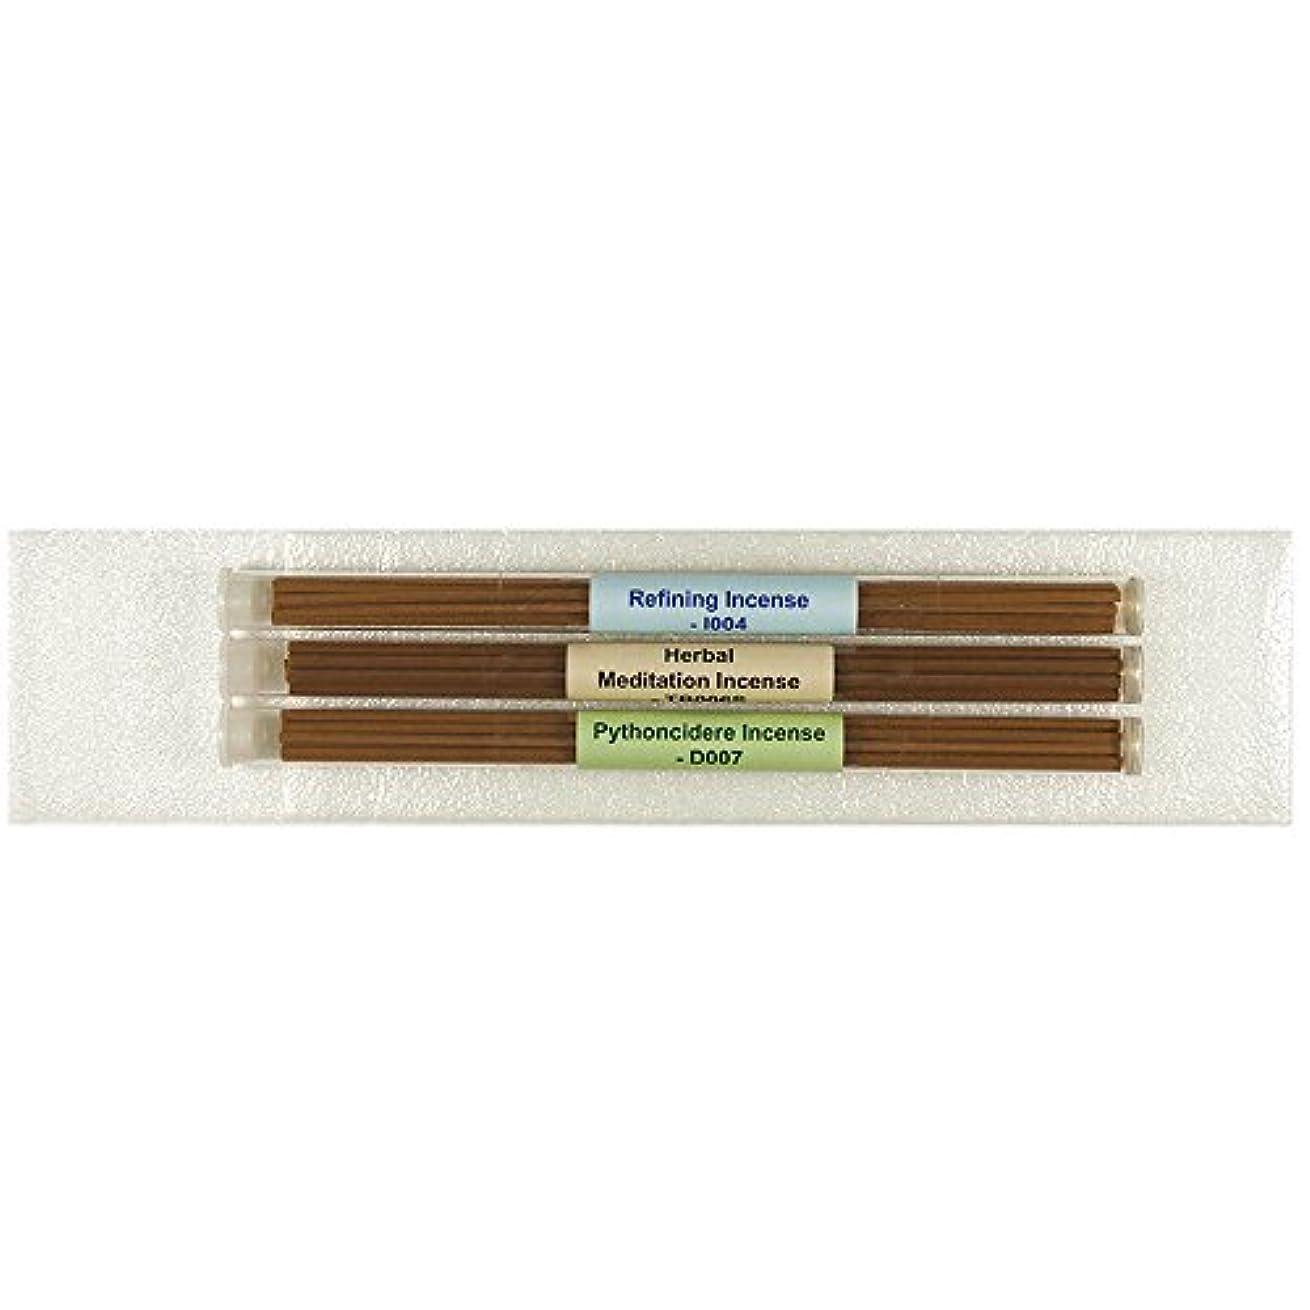 ブロックするバスルームイヤホン3チューブTibetan Incenseパック# 3 – [ Refining Incense +ハーブMeditation Incense ø4 mm + Pythoncidere Incense ] – 8